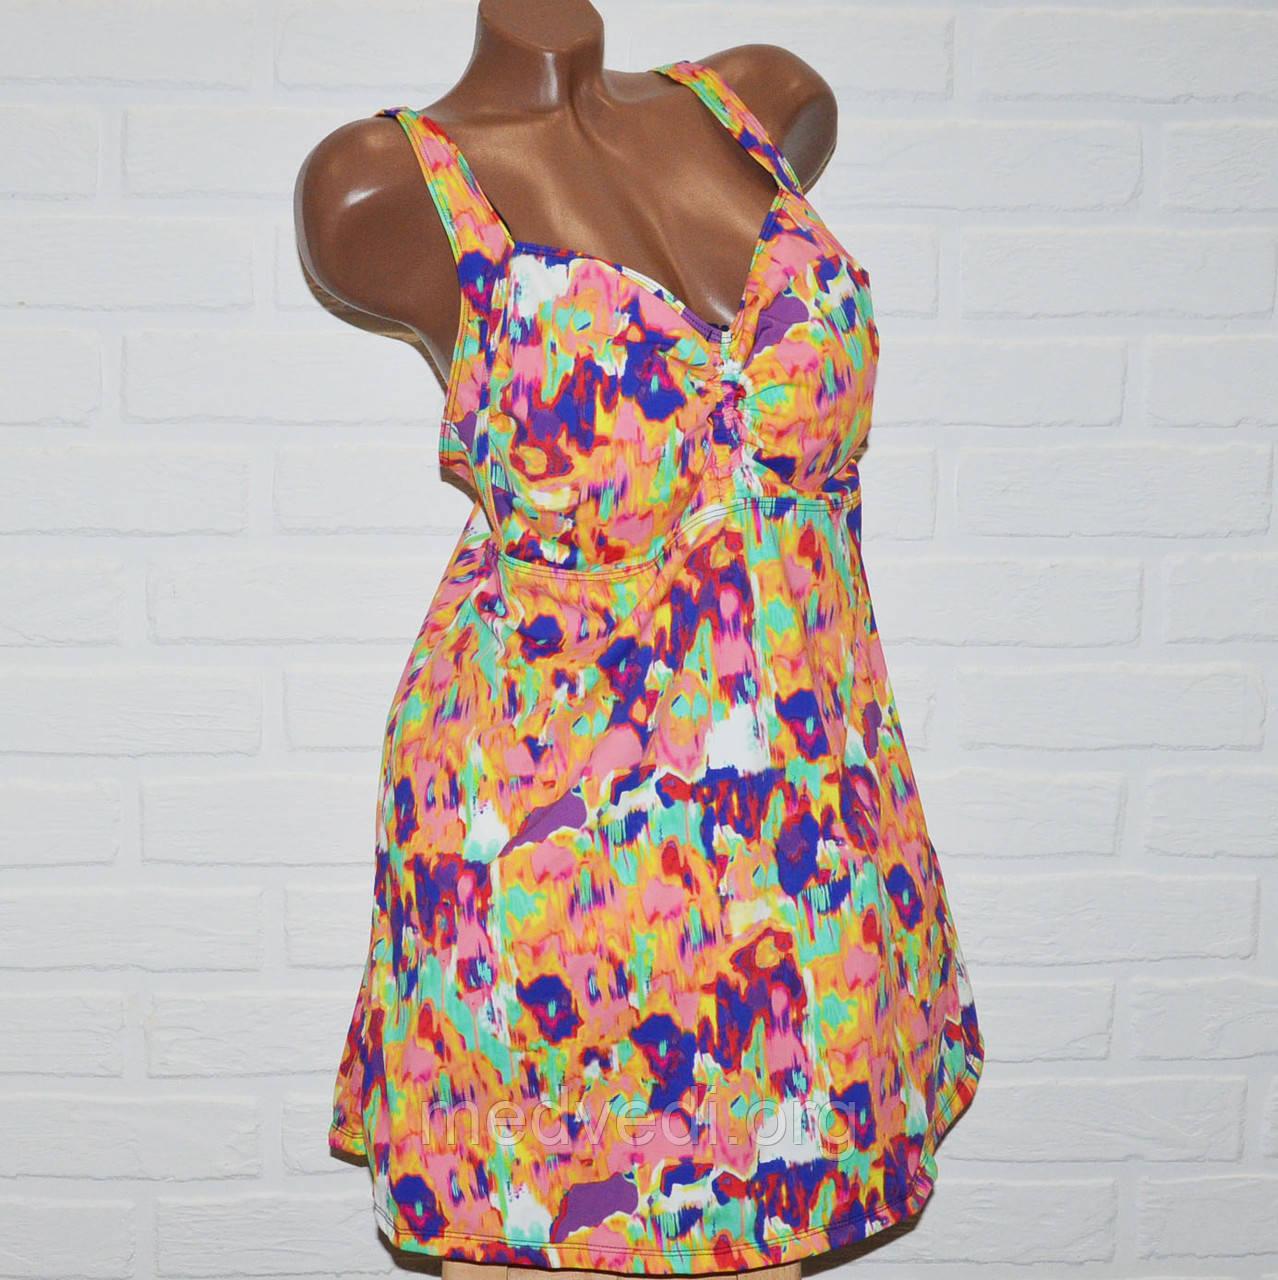 Купальник платье, размеры 64, 66, 68, 70, 72, яркие узоры, женский танкини